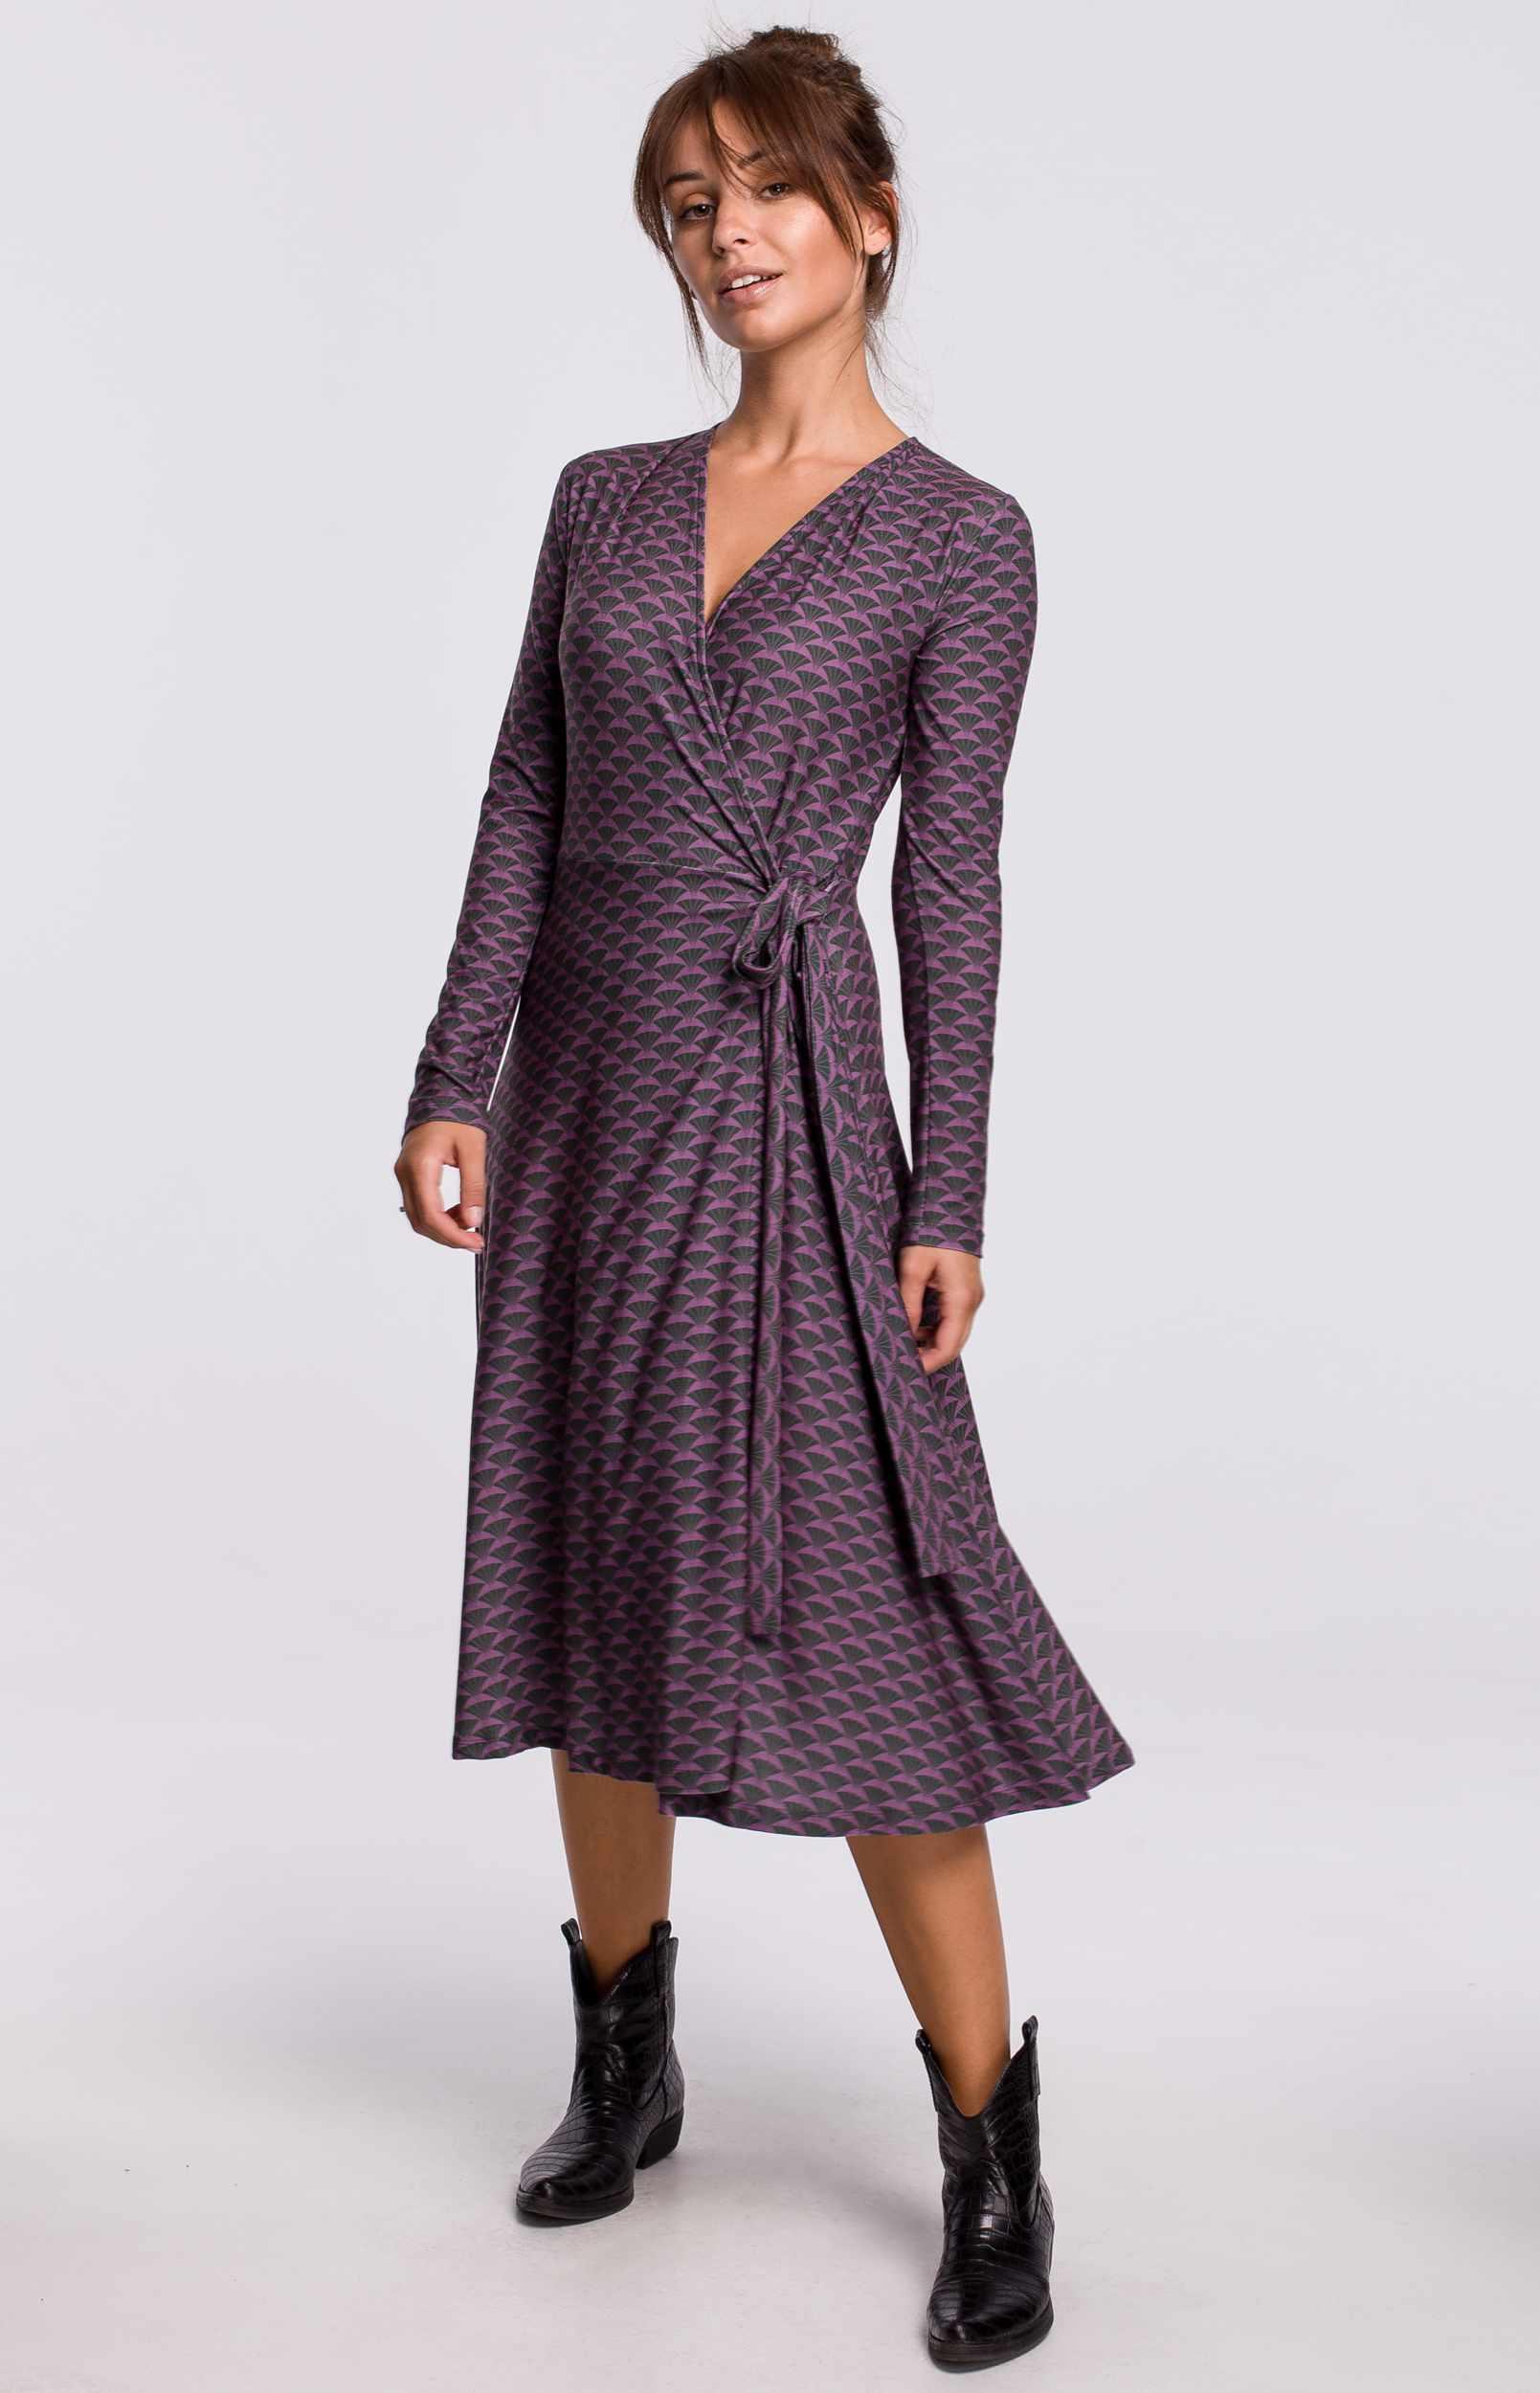 Robe Droite Habillee Rouge Flk494r Idresstocode Boutique De Deshabilles Et Nuisettes Robes Et Jupes